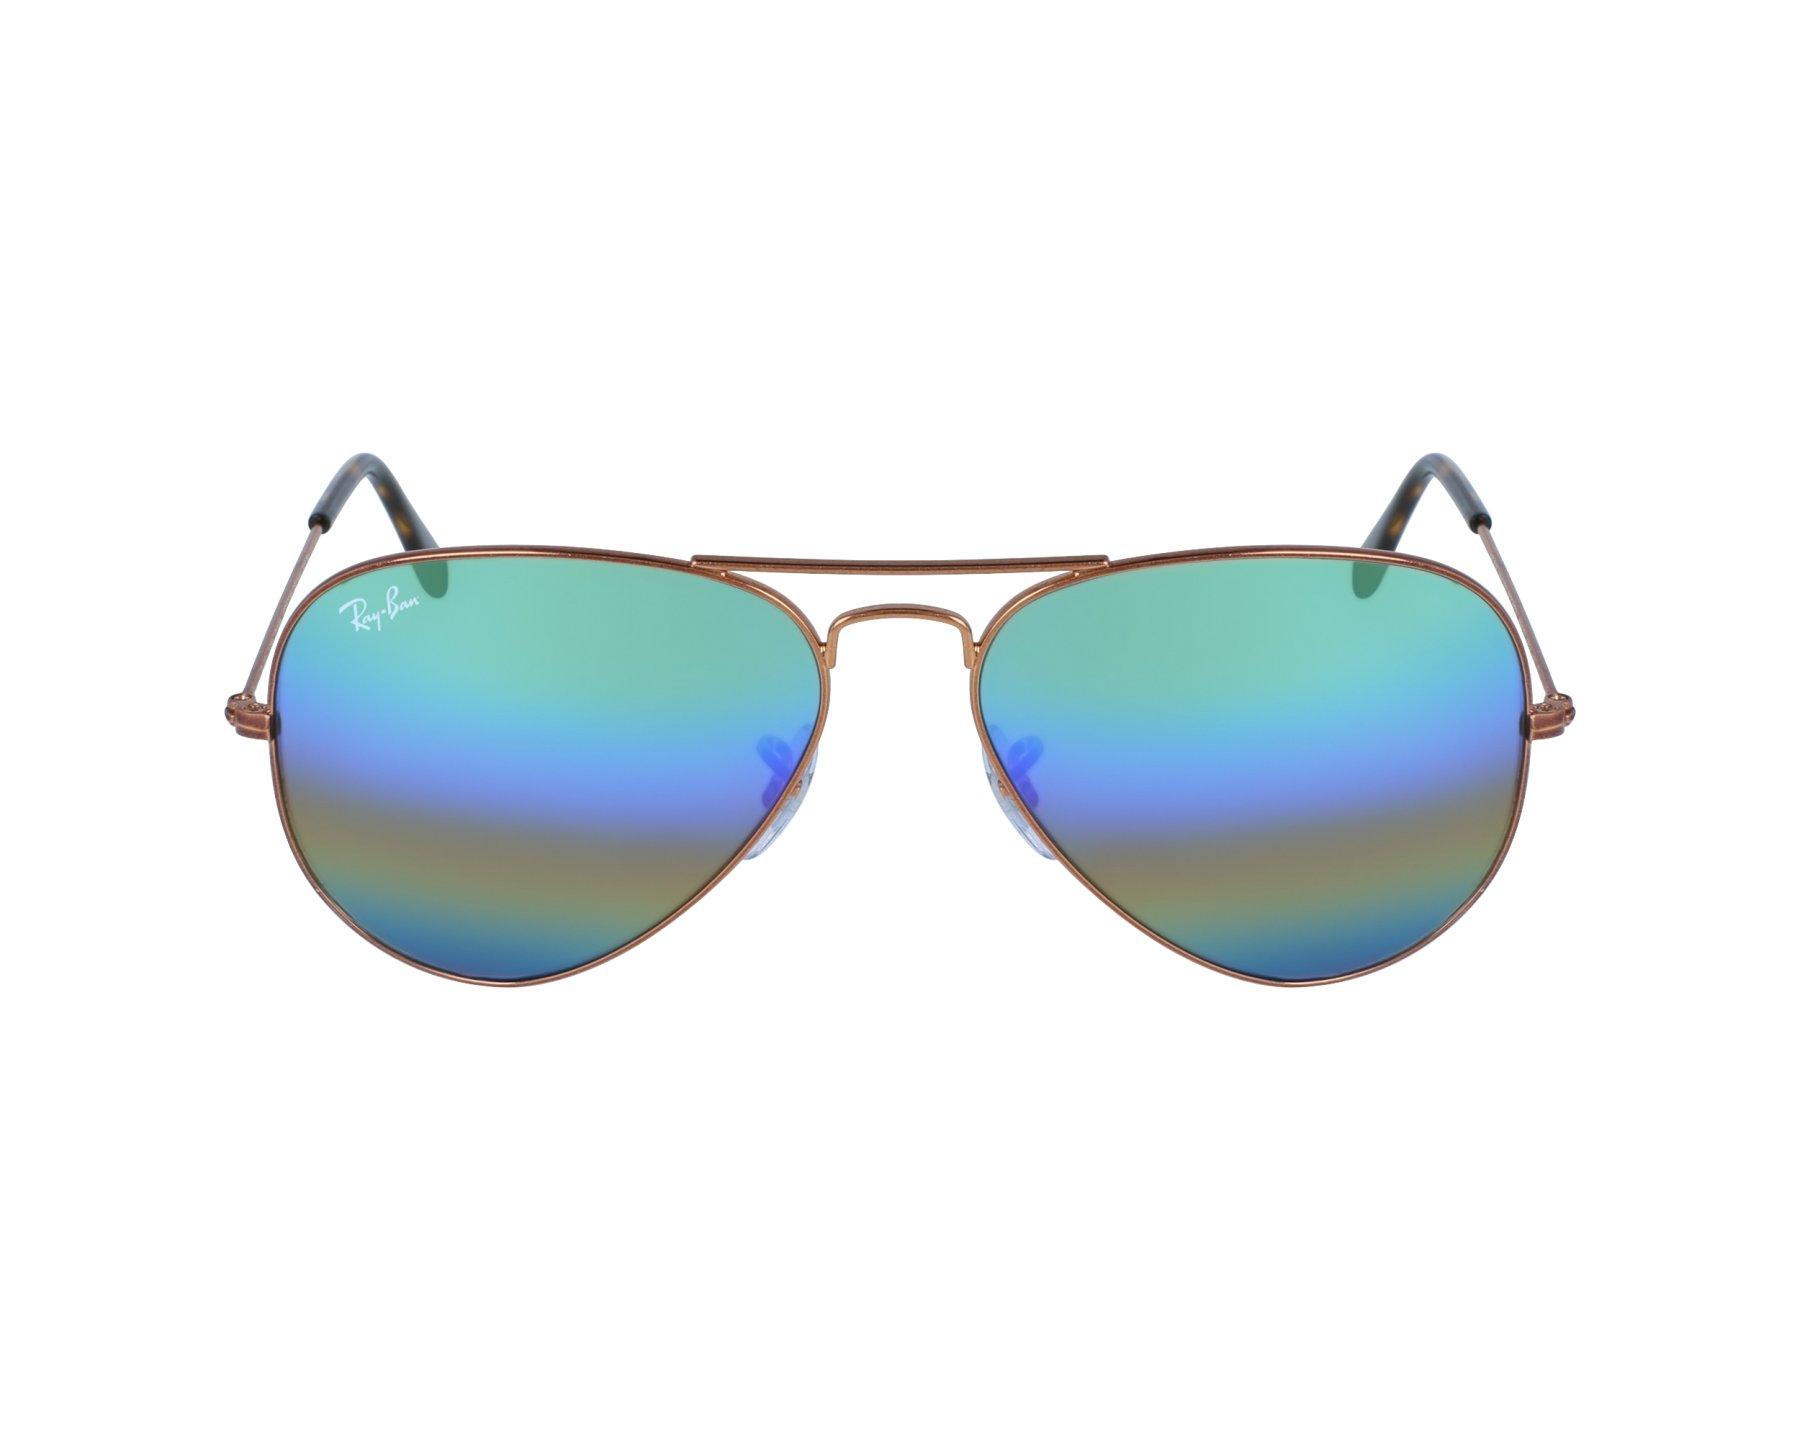 89e7b528d91 Ray Ban Predator 2 Sunglasses Costco - Bitterroot Public Library